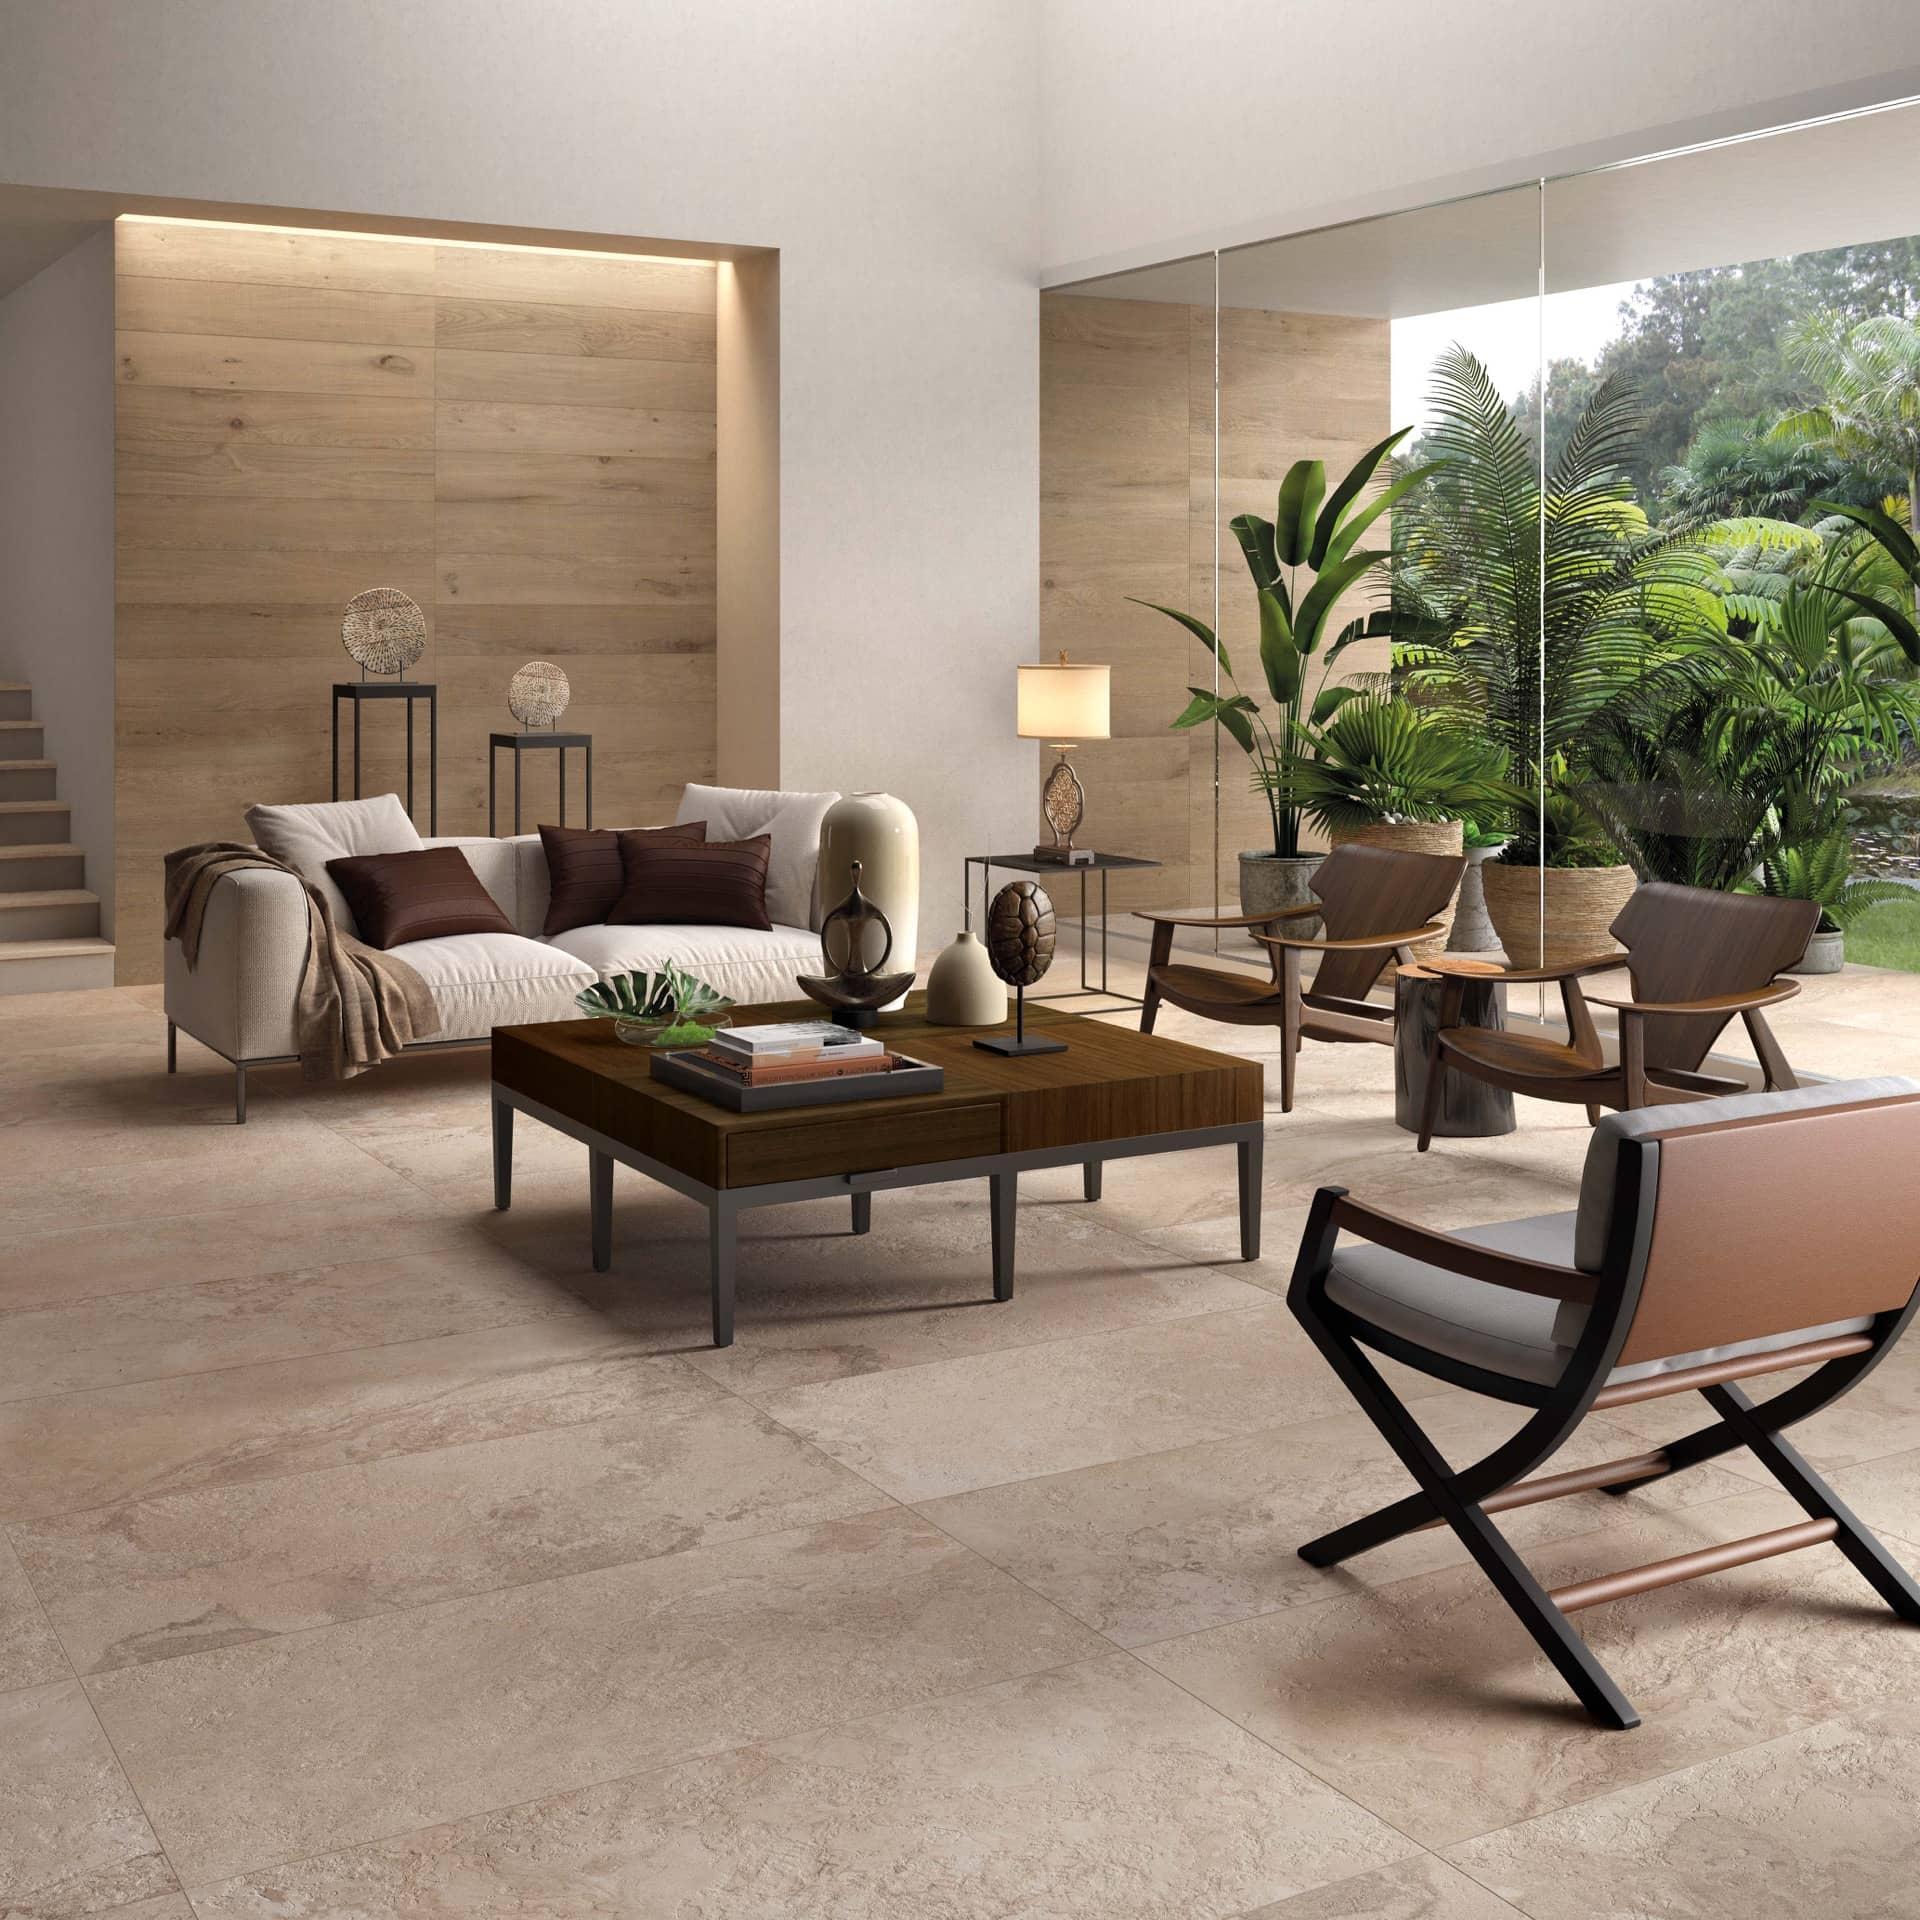 Alpes raw Sand rett. 60x120 + Crossroad Wood Tan rett. 20x120